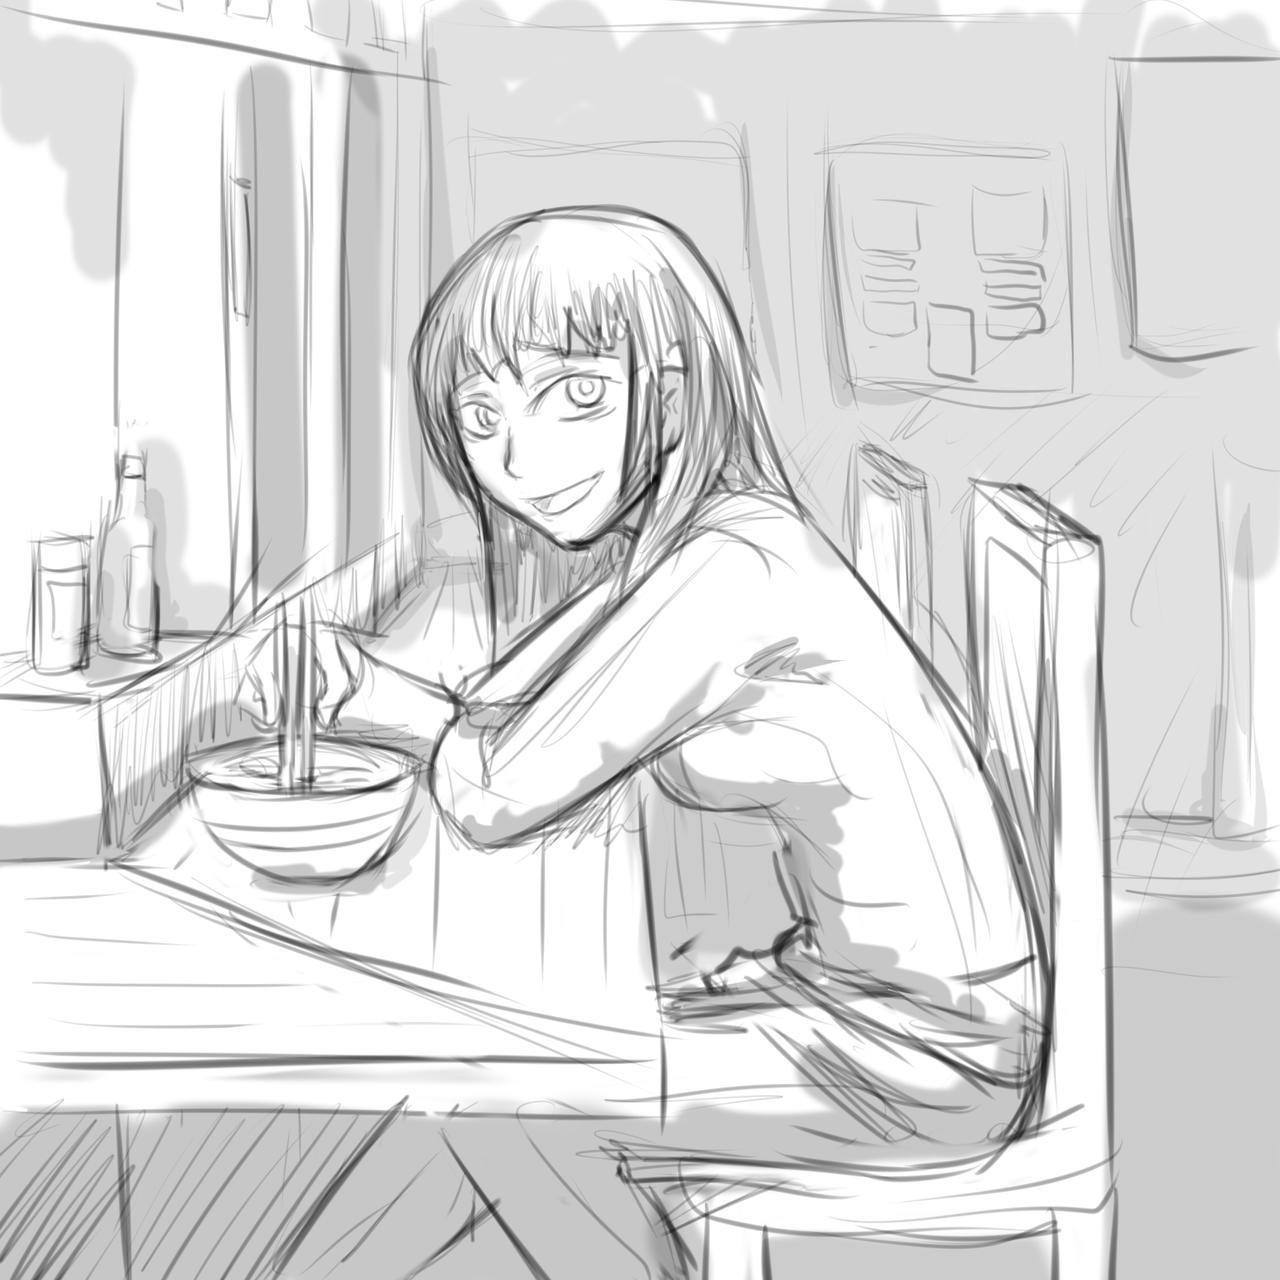 ramen (sketch) by A-Fistful-Of-Kittens